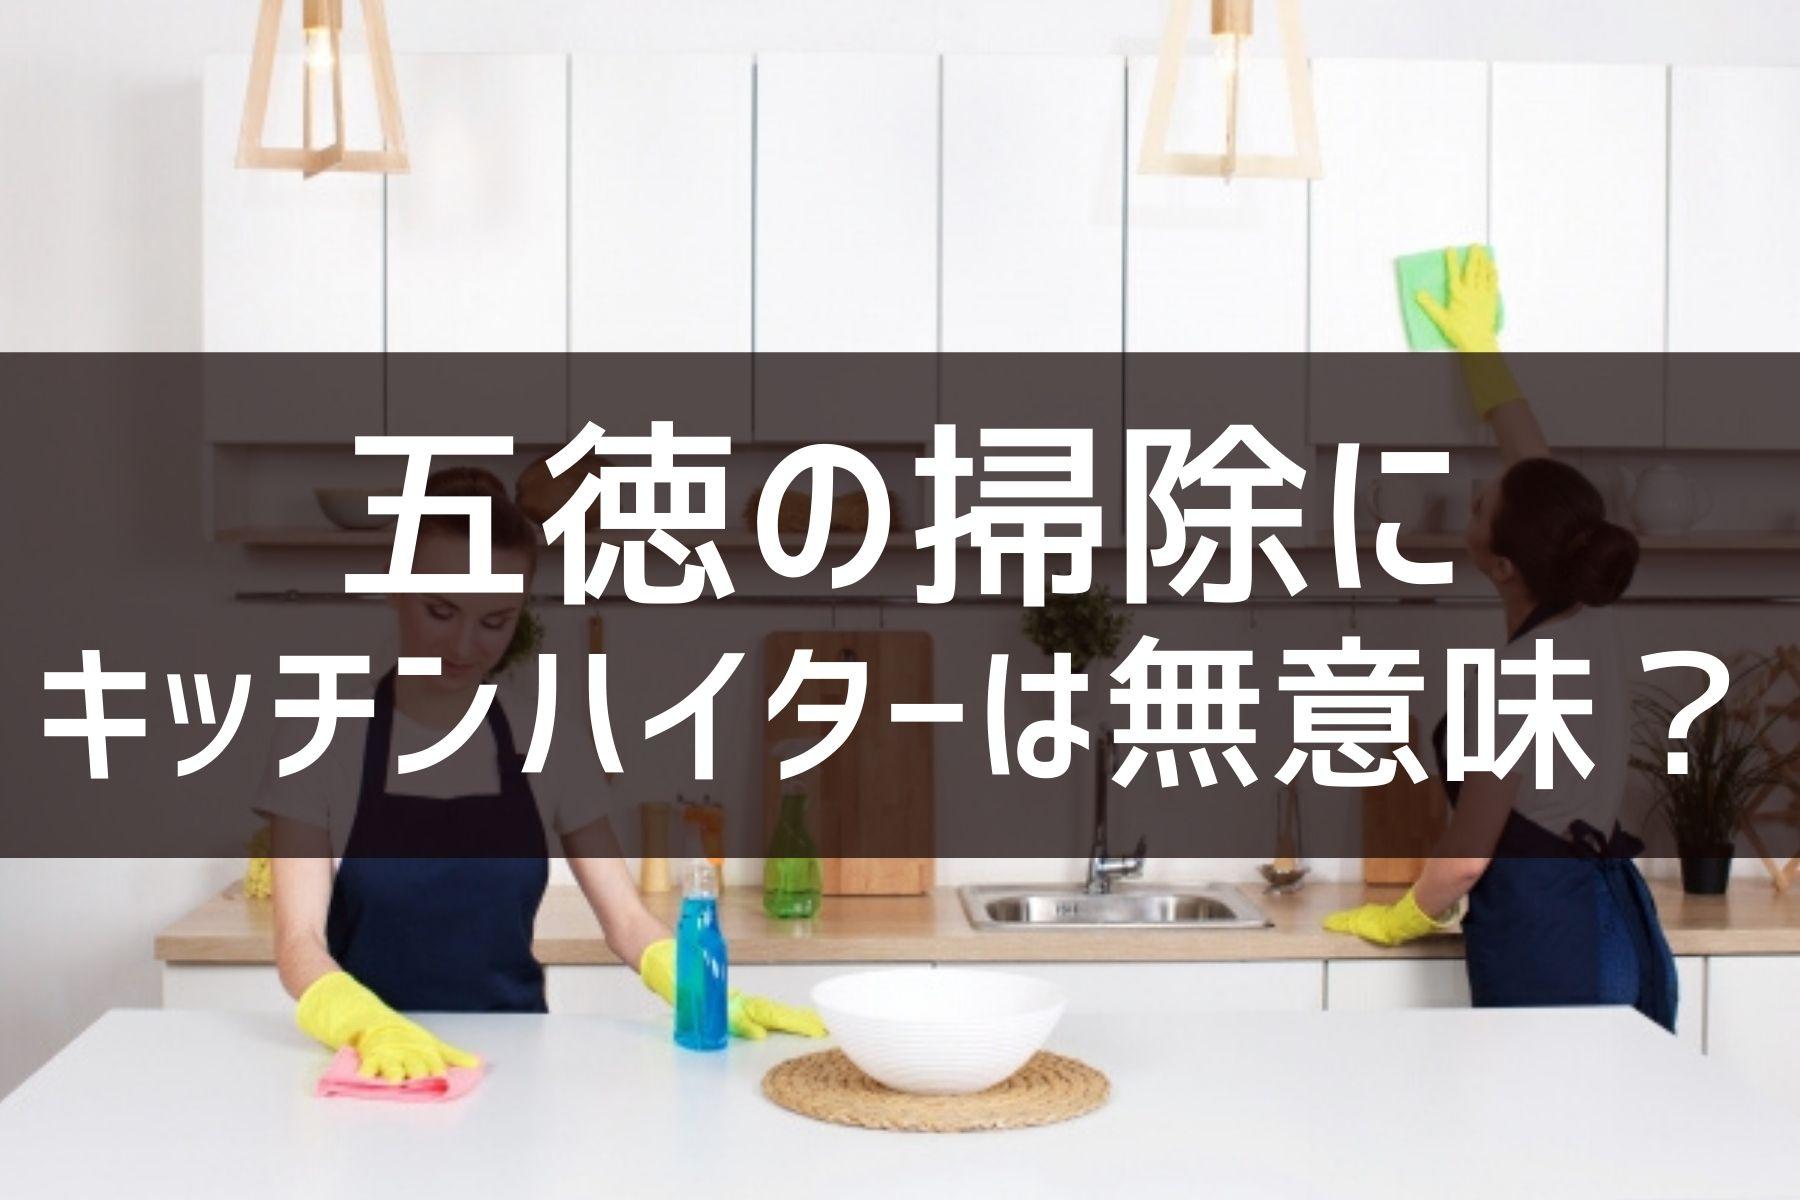 五徳の掃除にキッチンハイターは無意味?汚れは落ちます。